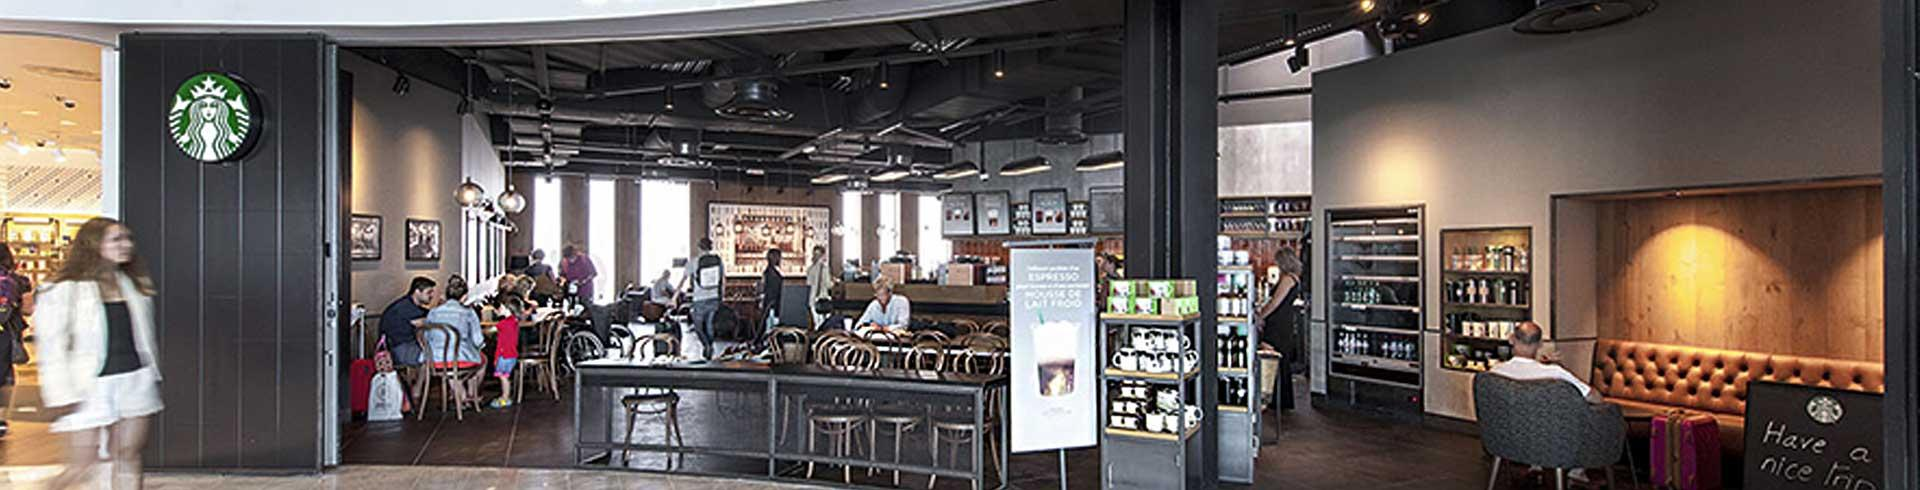 2 Terminal Bars Starbucks Boutiques Restaurantsamp; Services pMzGVqSU